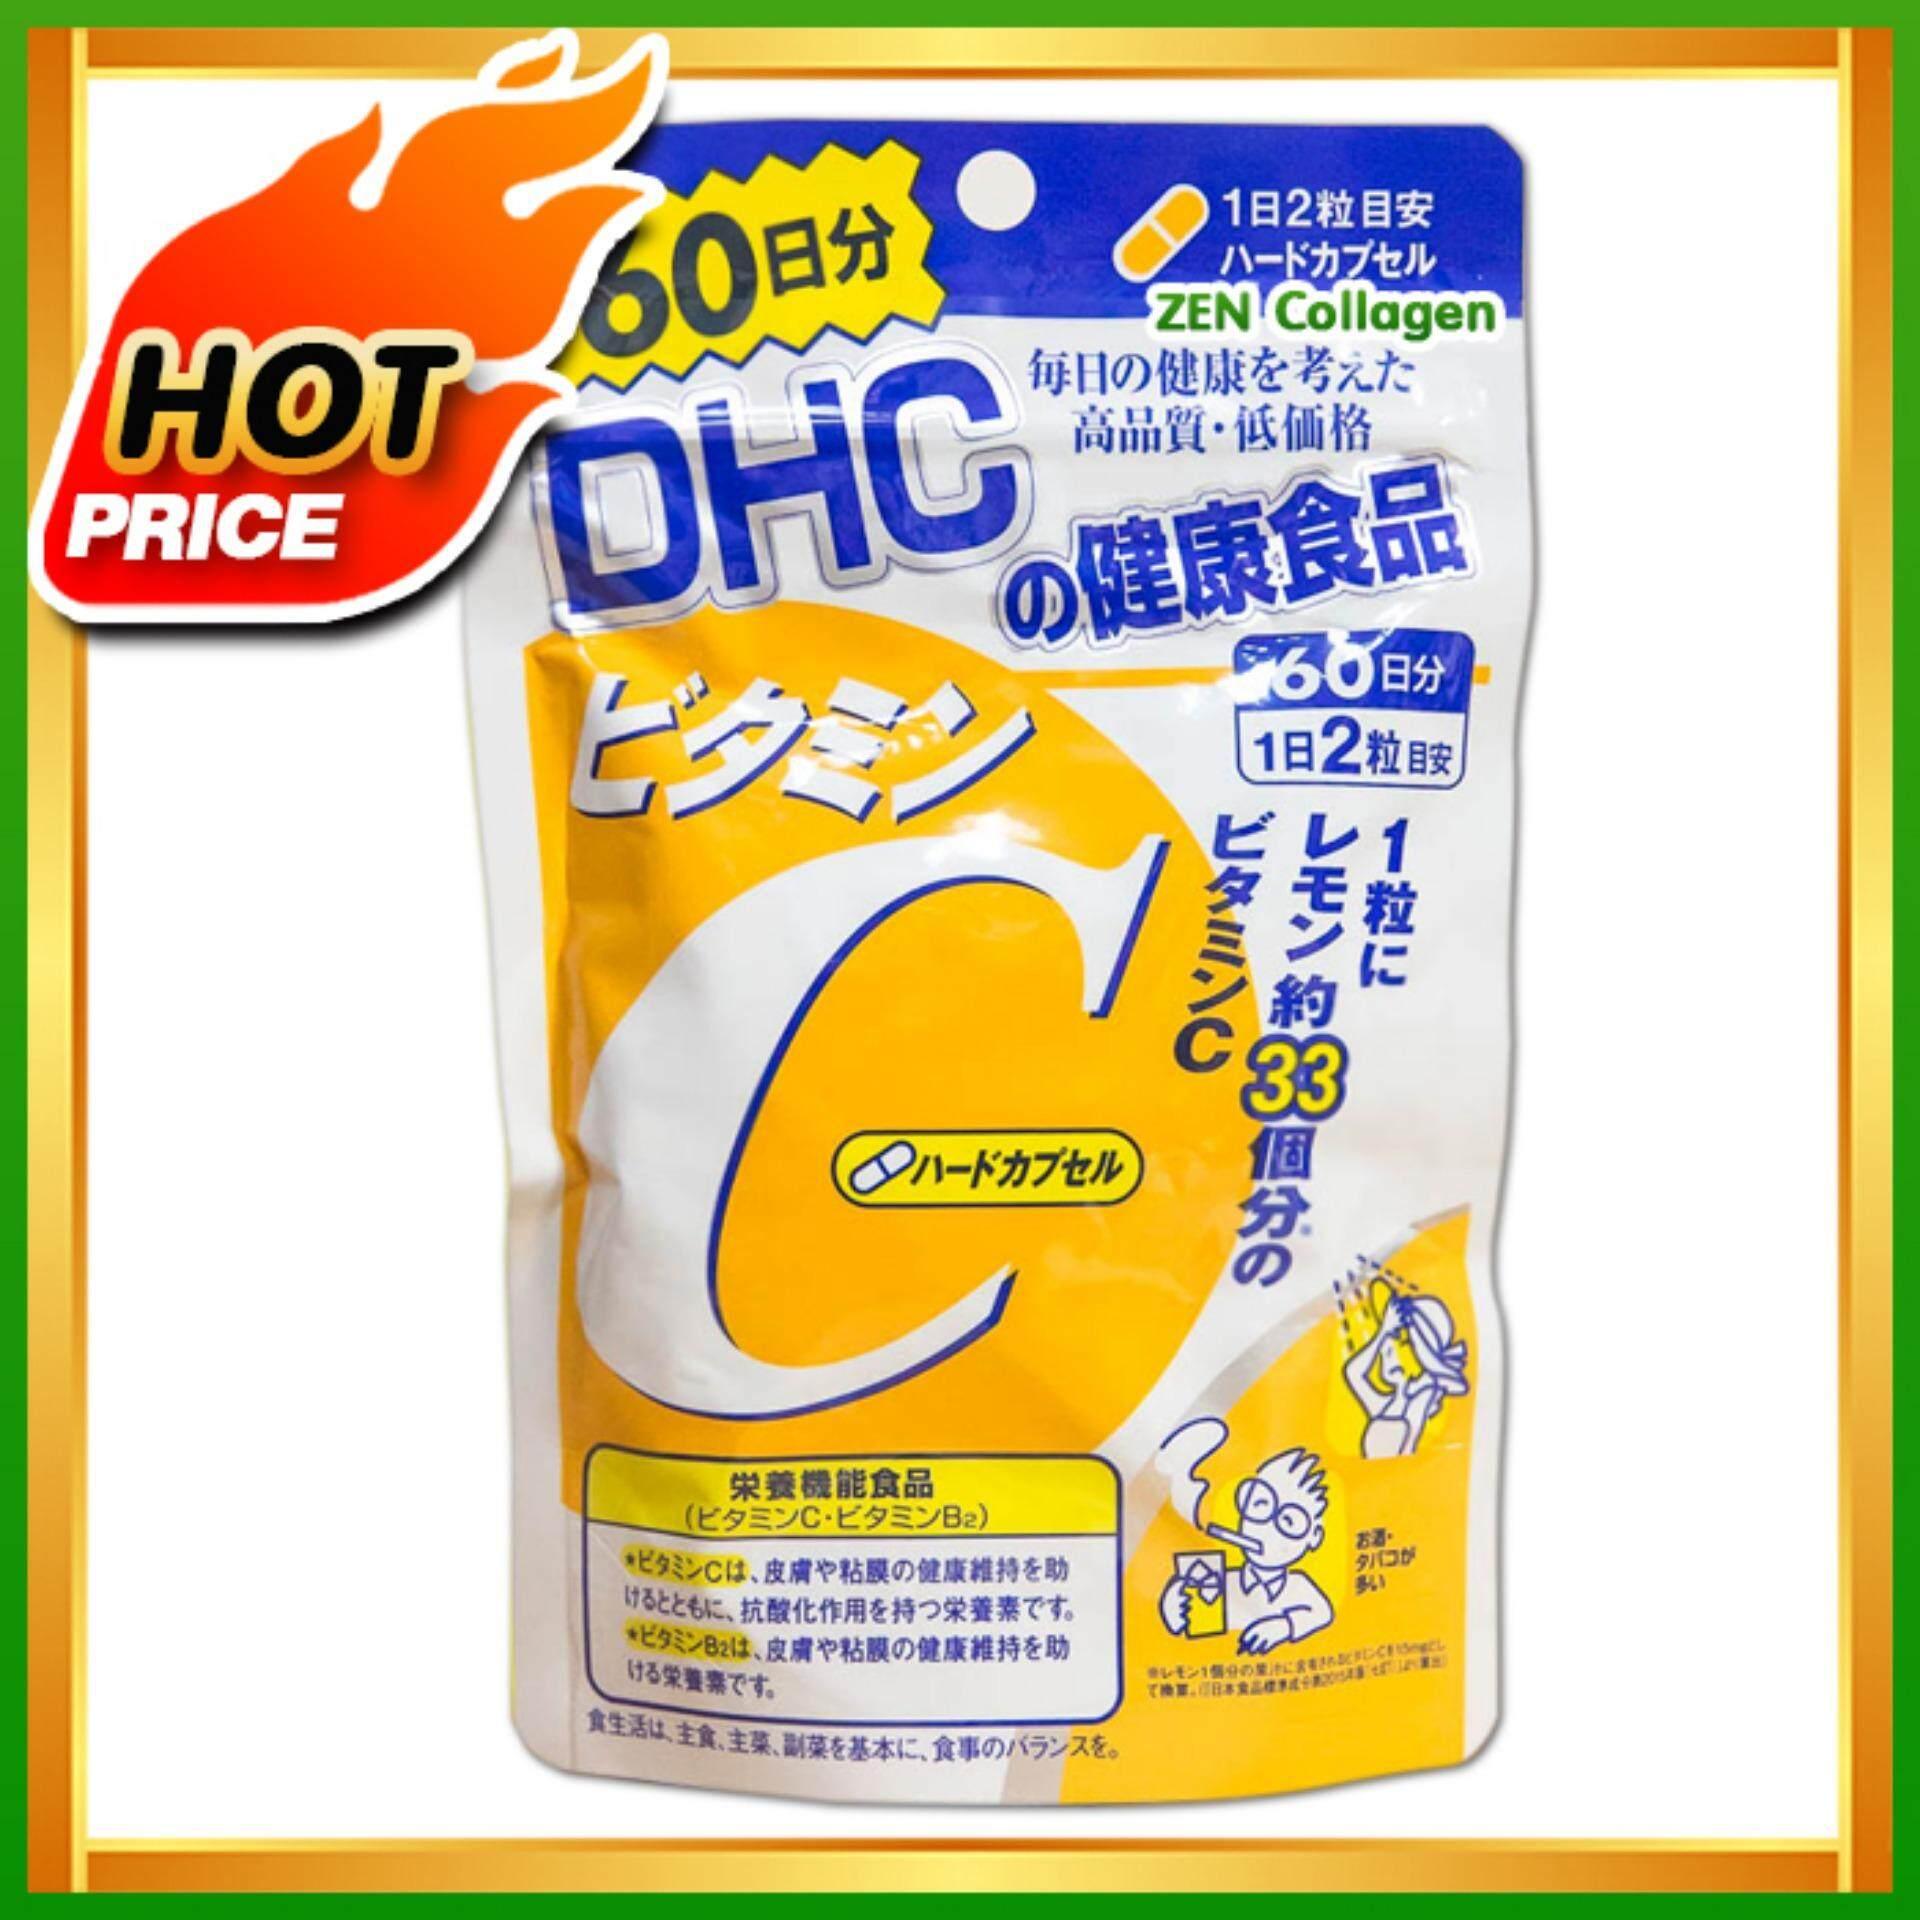 DHC Vitamin C ดีเอชซี วิตามินซี 60 วัน ผิวพรรณสดใส มีน้ำมีนวล  ผิวขาวกระจ่างใสหน้าดูผุดผ่อง ไม่หมองคล้ำ โดยเฉพาะผู้สูบบุหรี่และดื่มเหล้า เซ็ต 1 ซอง (1 ซอง / 120 เม็ด)